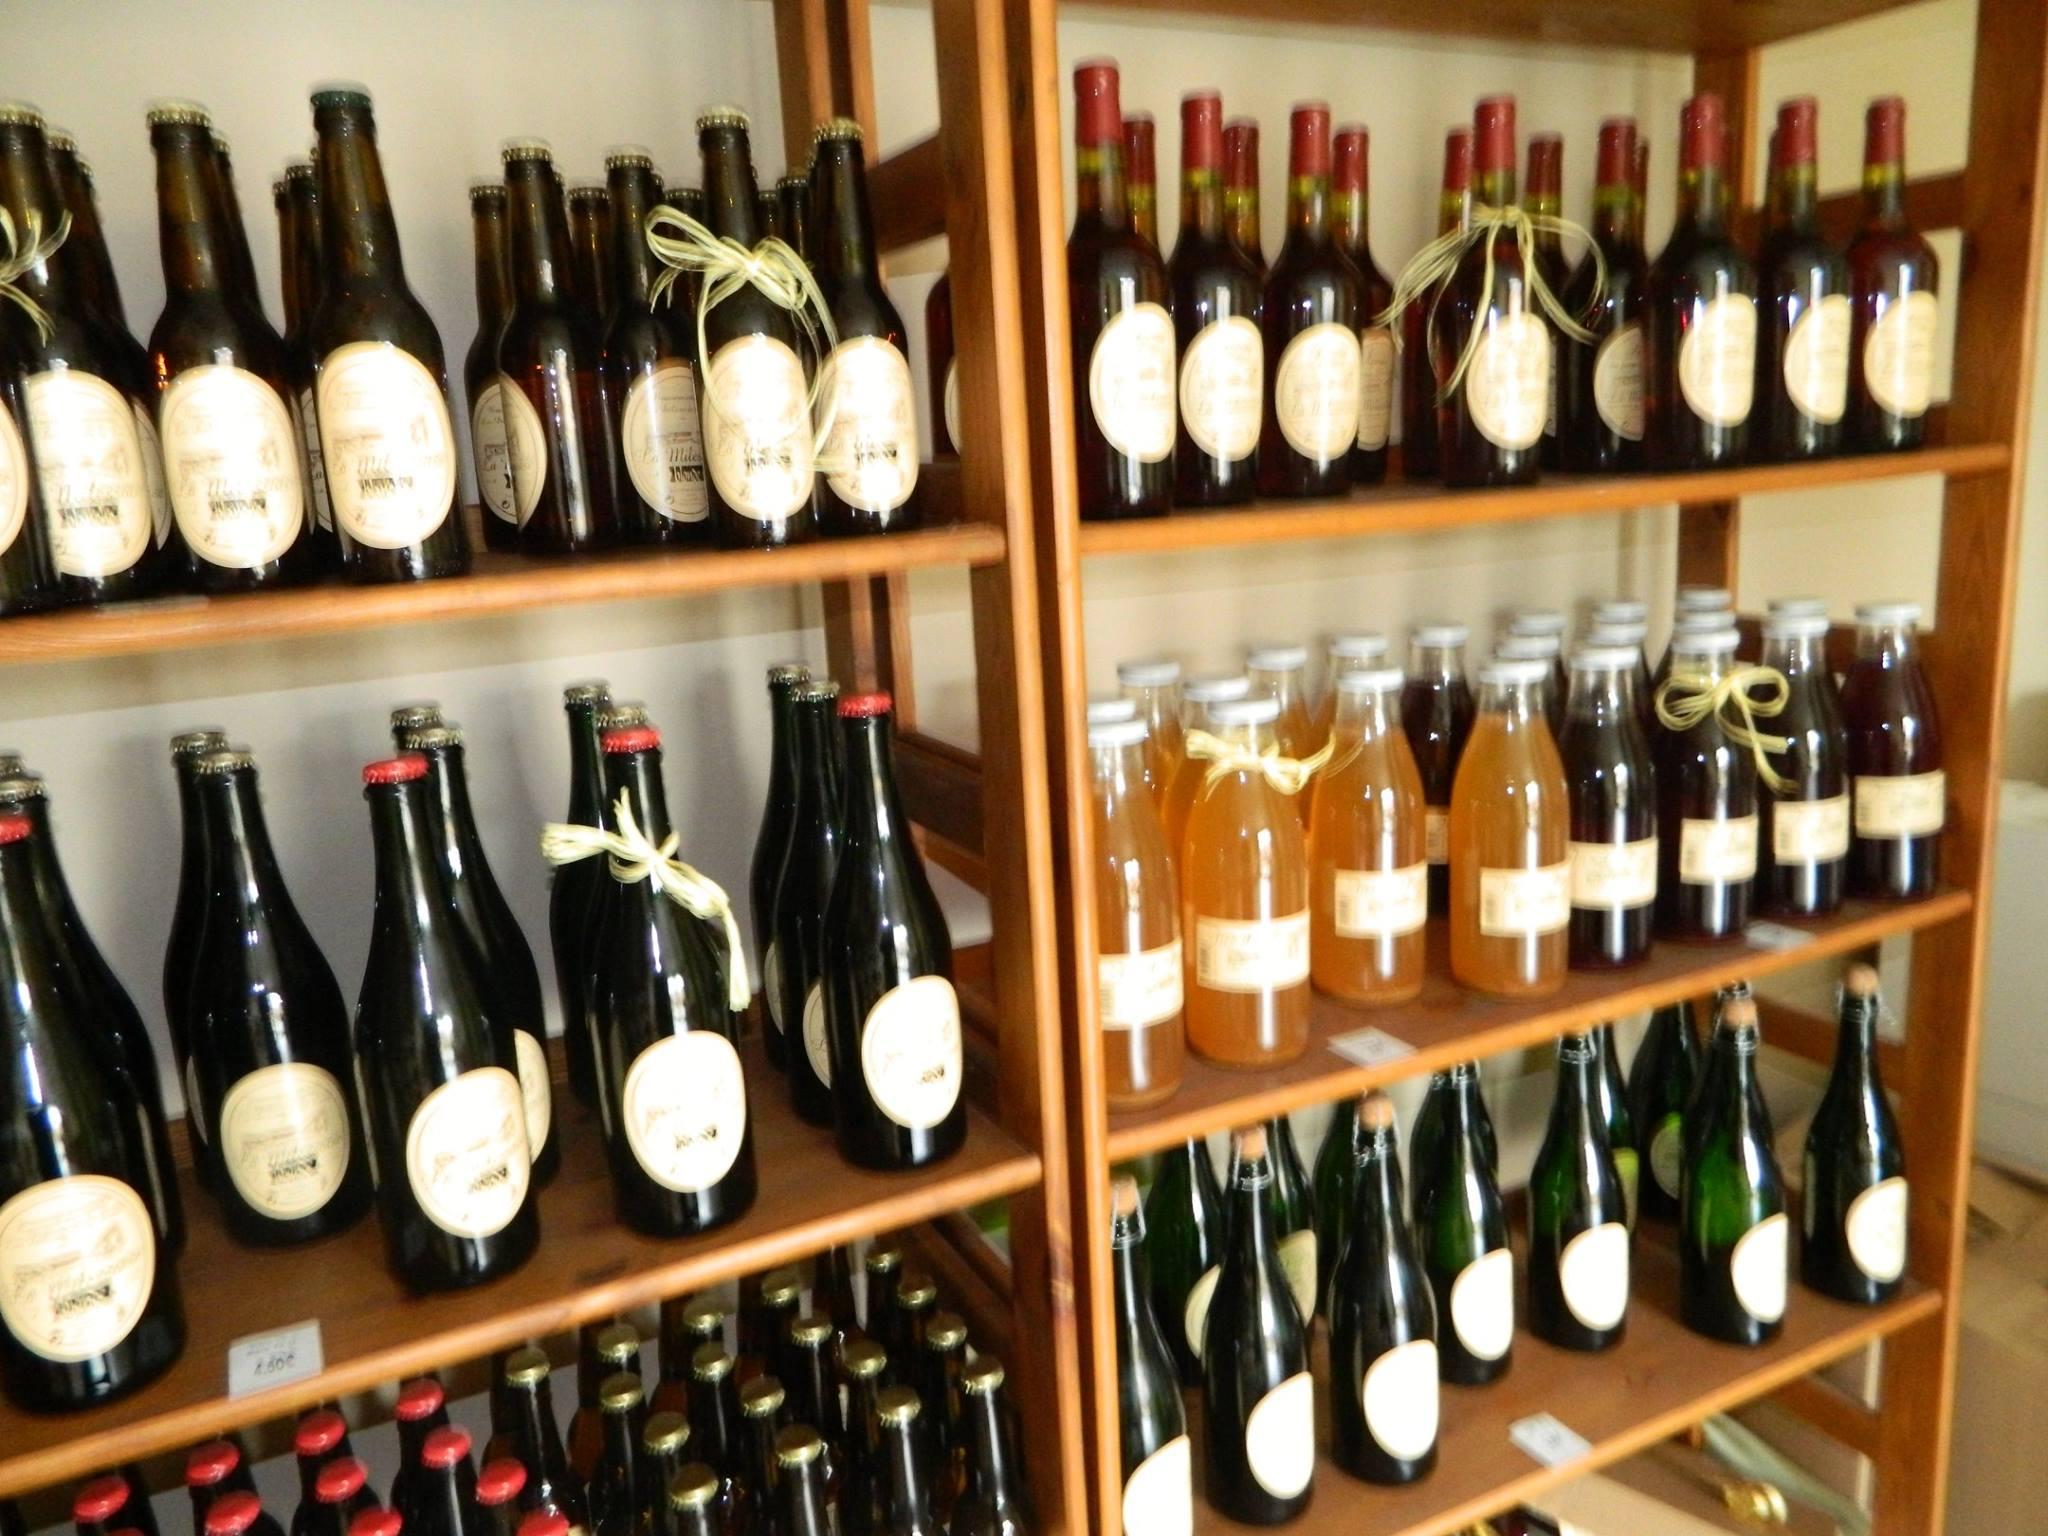 Les Delices De La Ferme Bieres Artisanales Sarthe 10845715 320800101454947 2374753857509405781 O